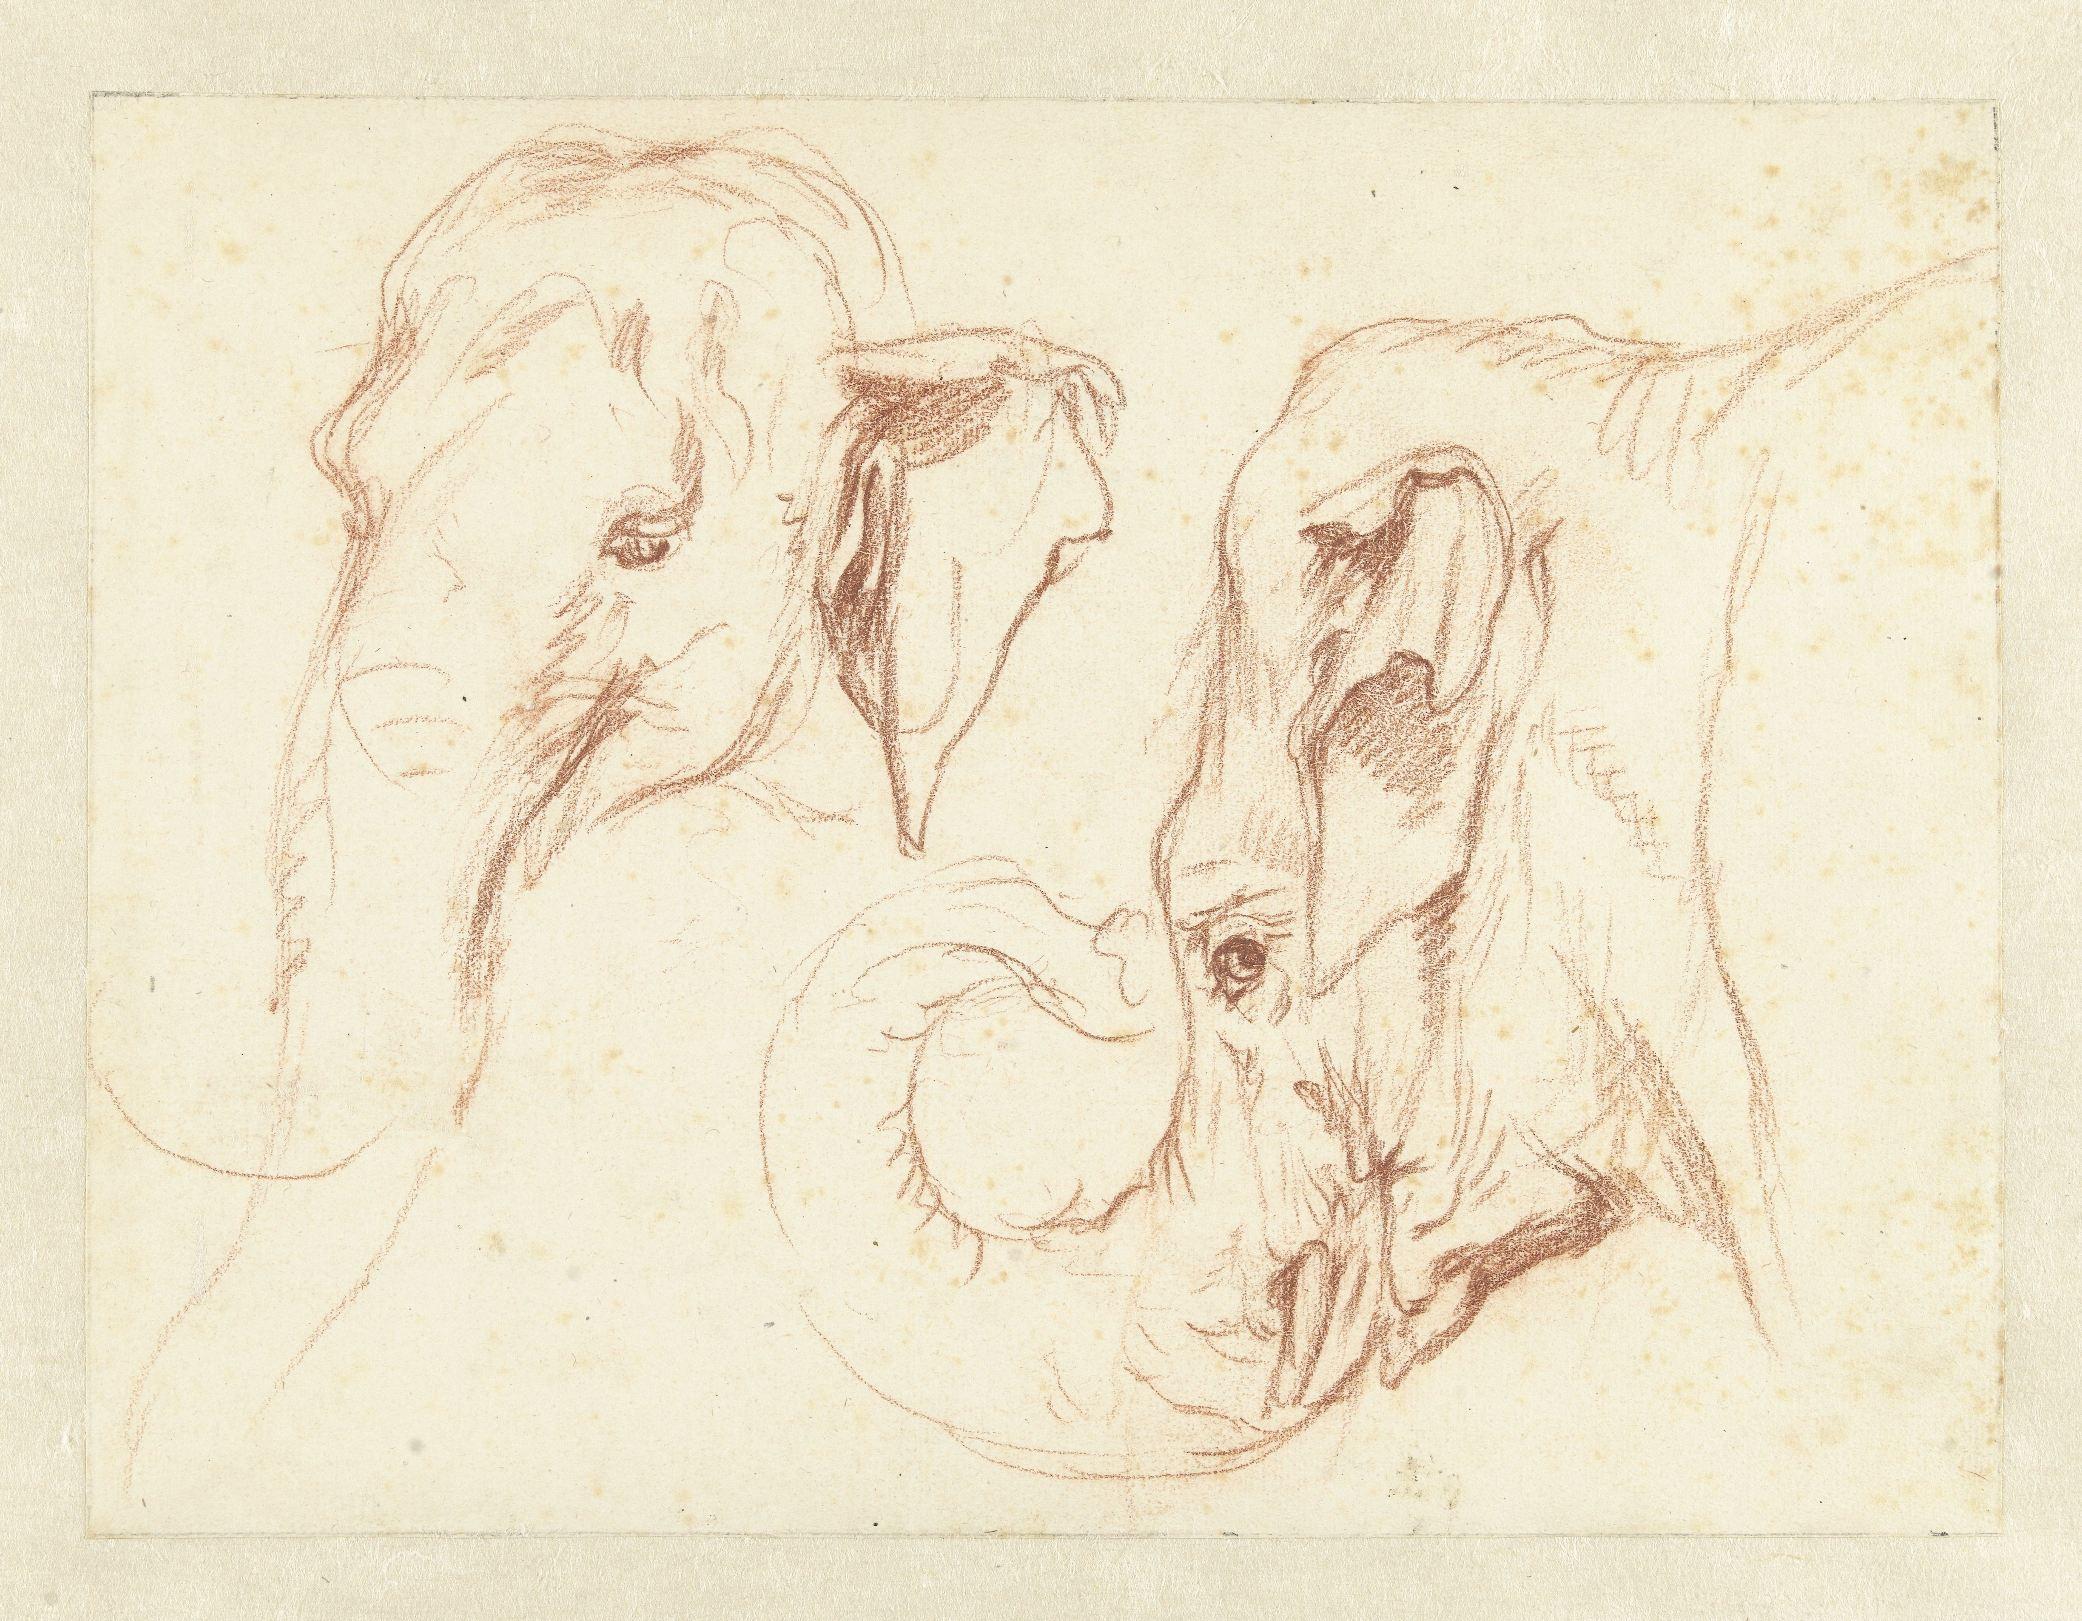 Twee schetsen vn de kop van een olifant Petrus Camper ca 1786 RP-T-1940-595